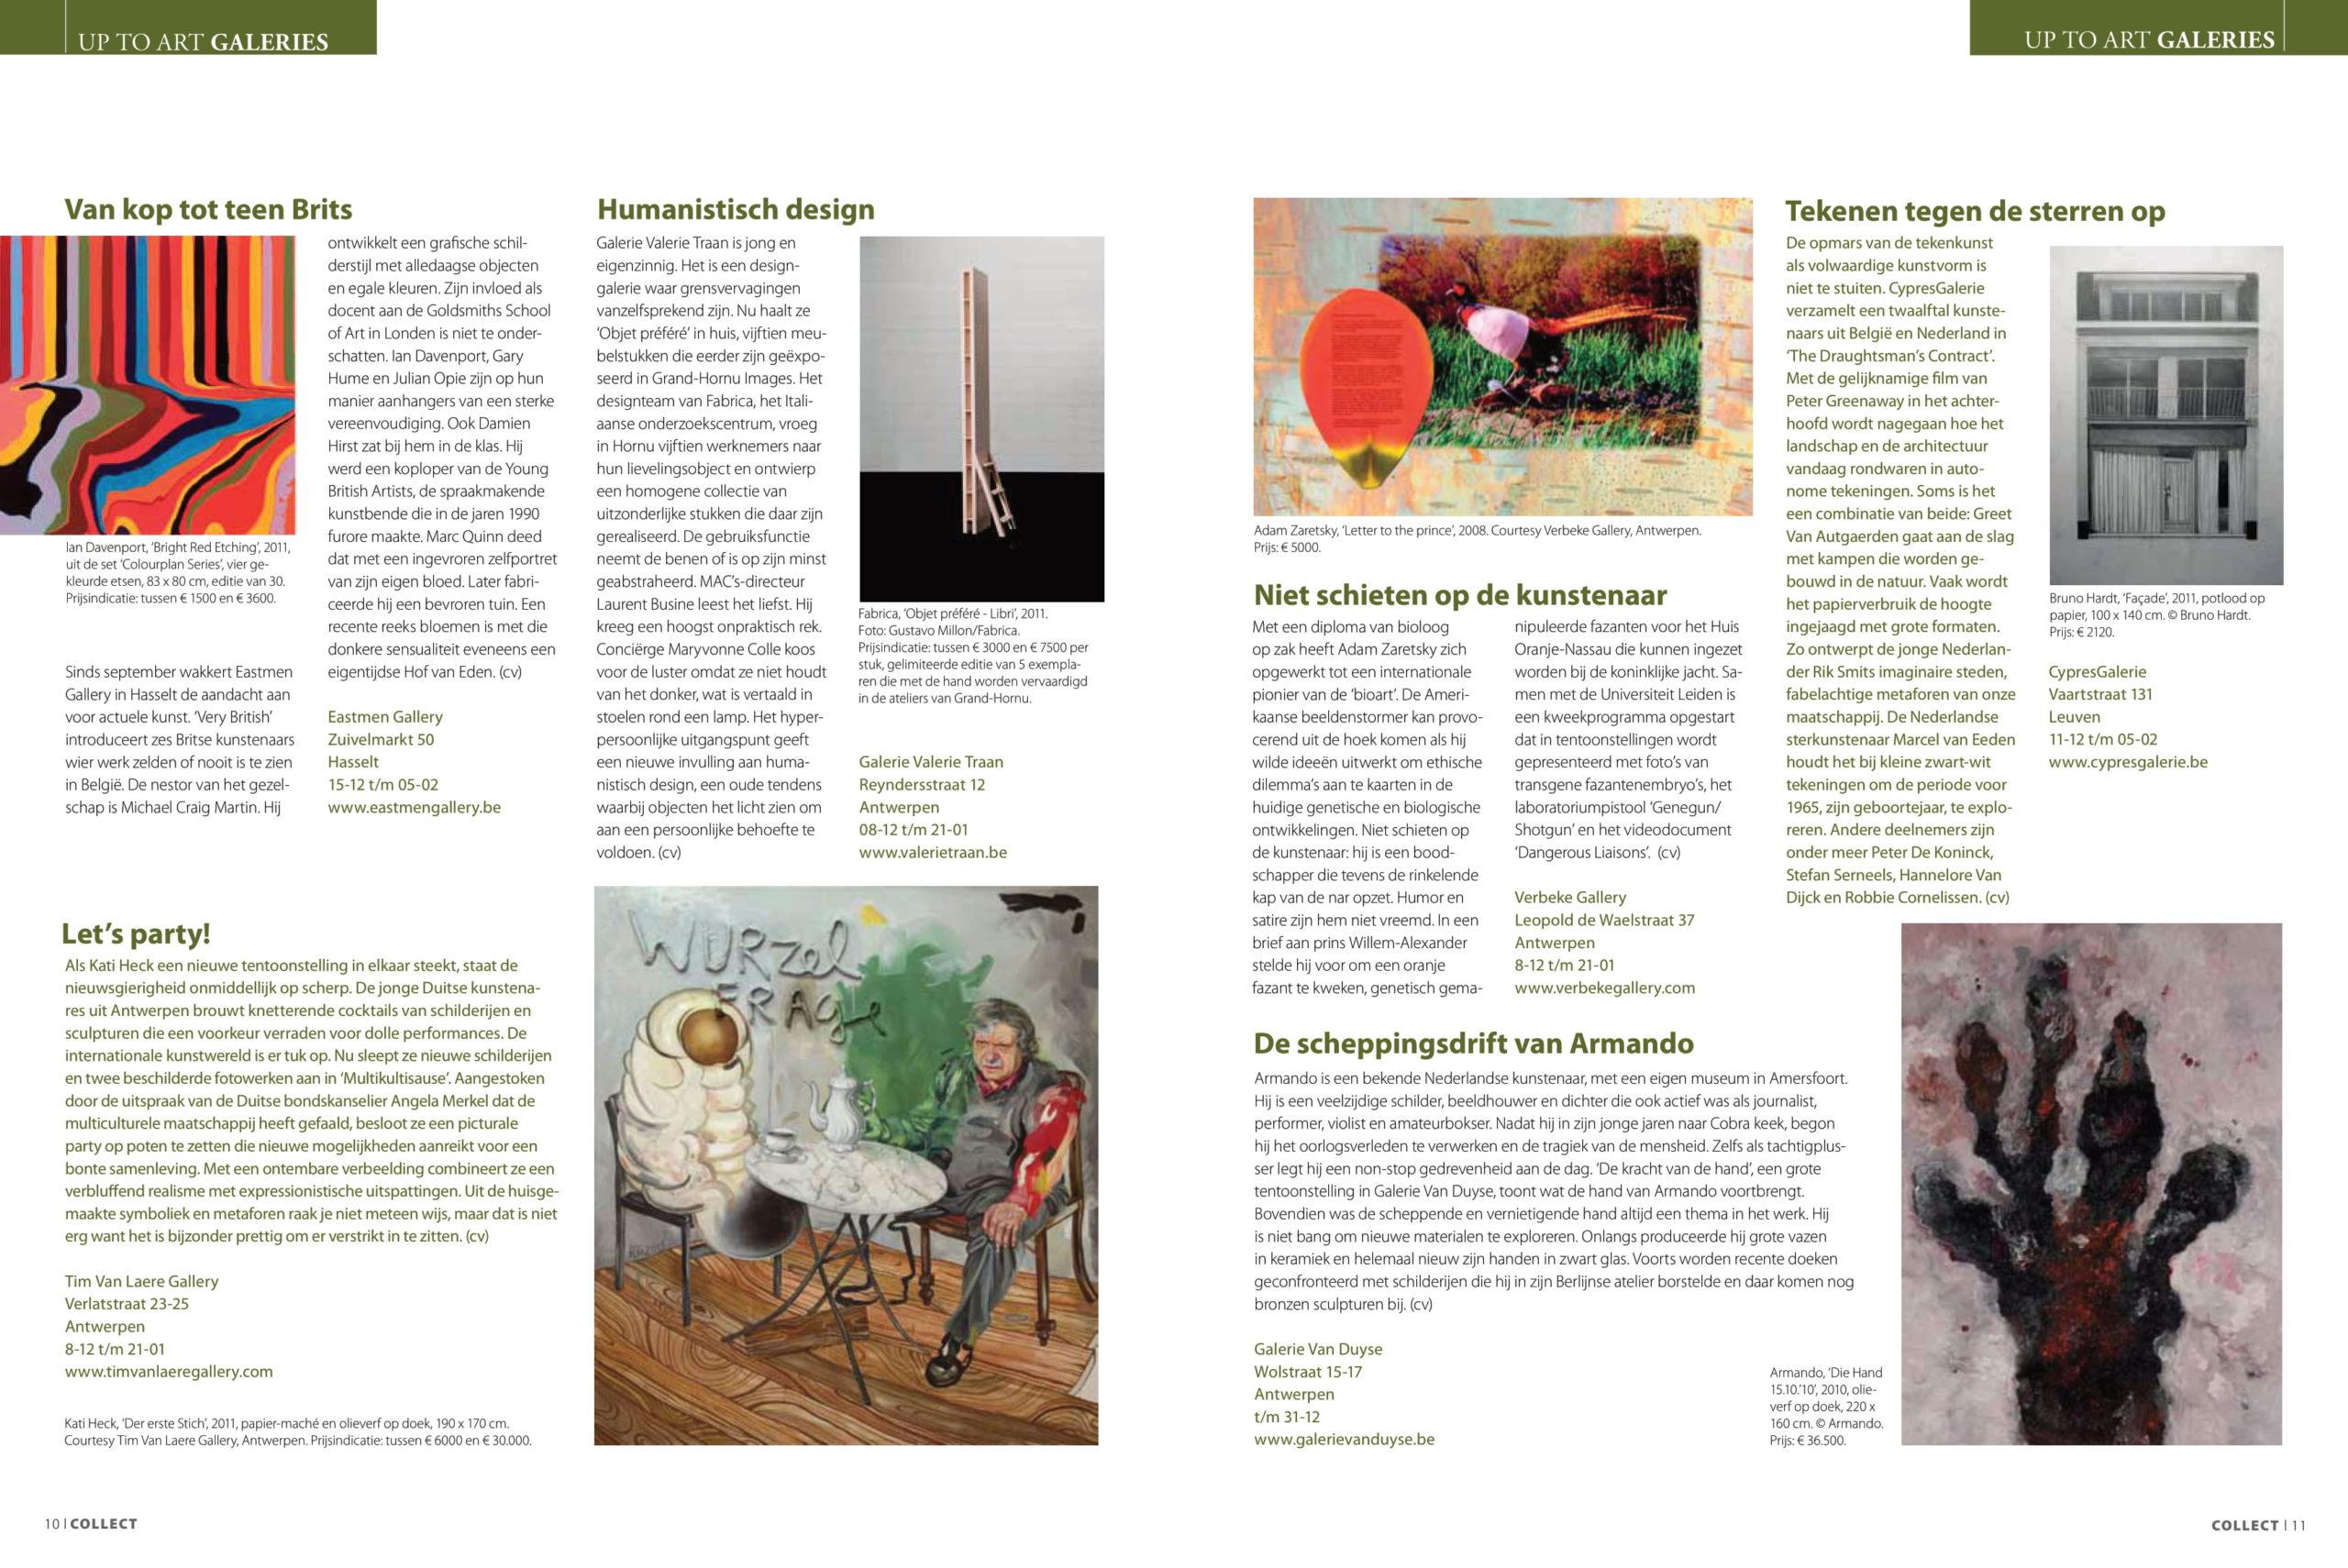 Collect Arts Antiques Auctions (fr) — Dec. 2011